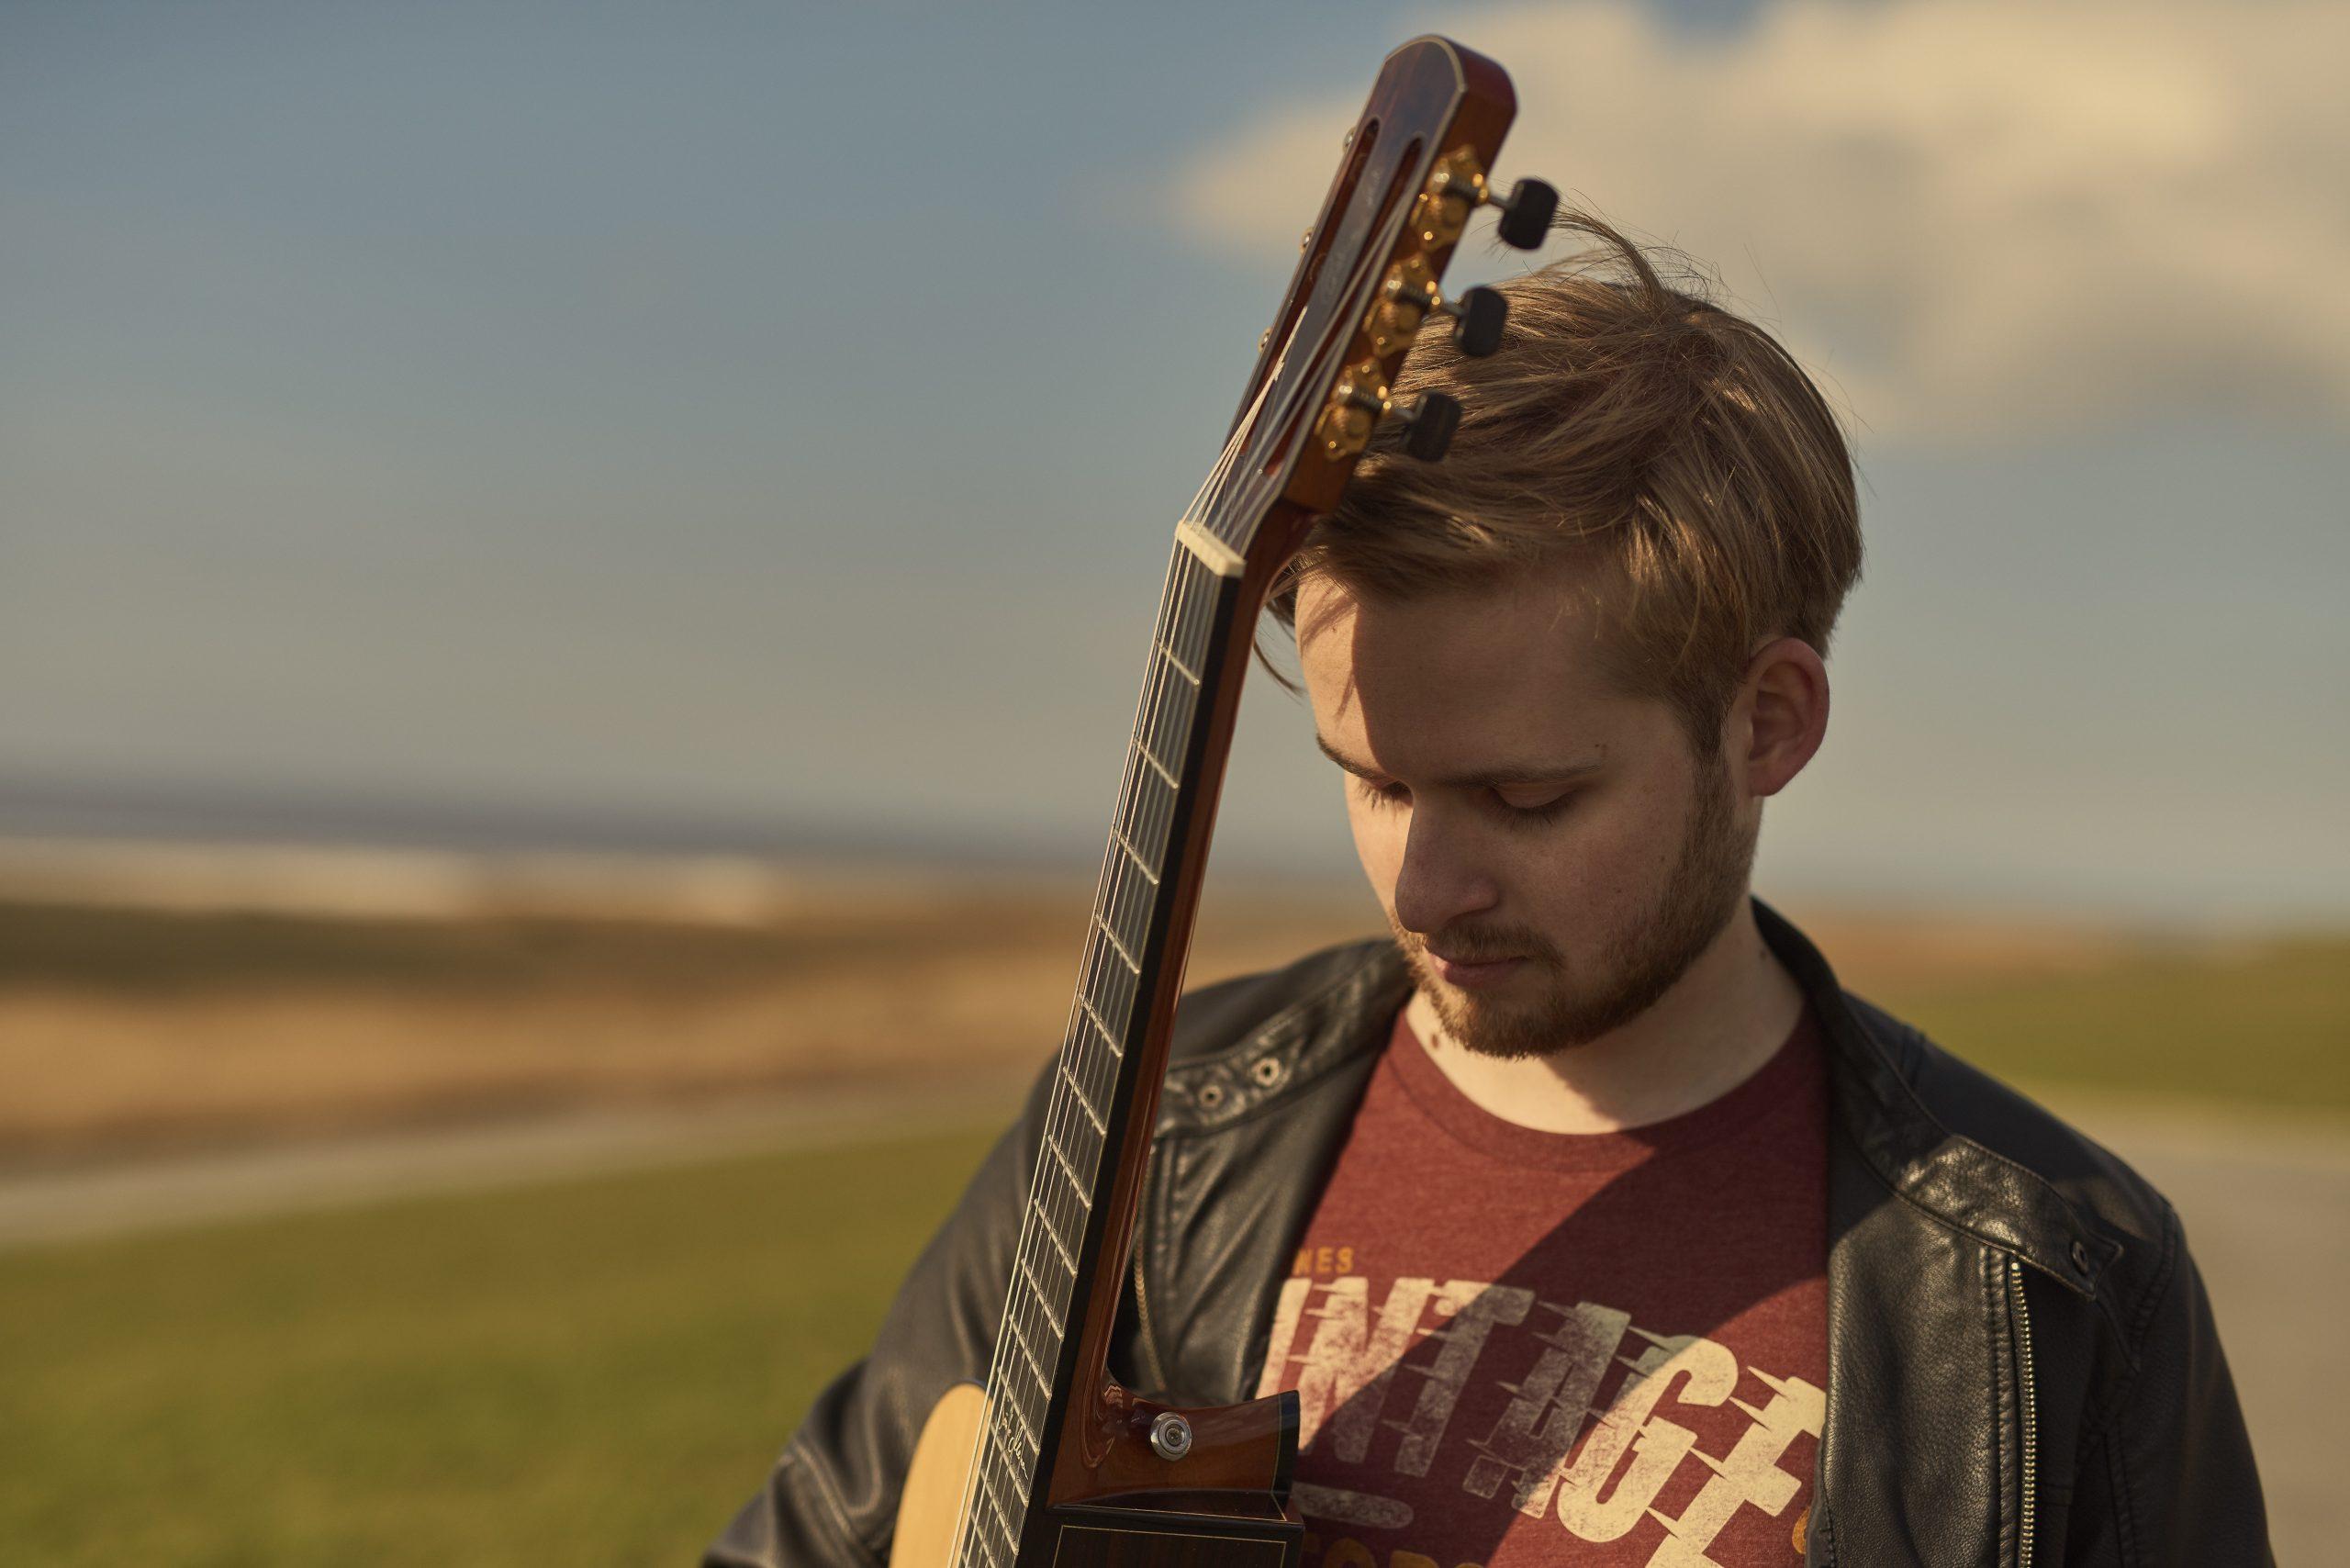 Saitenspiele 2018: Gitarrenklänge in der Burg Hasegg